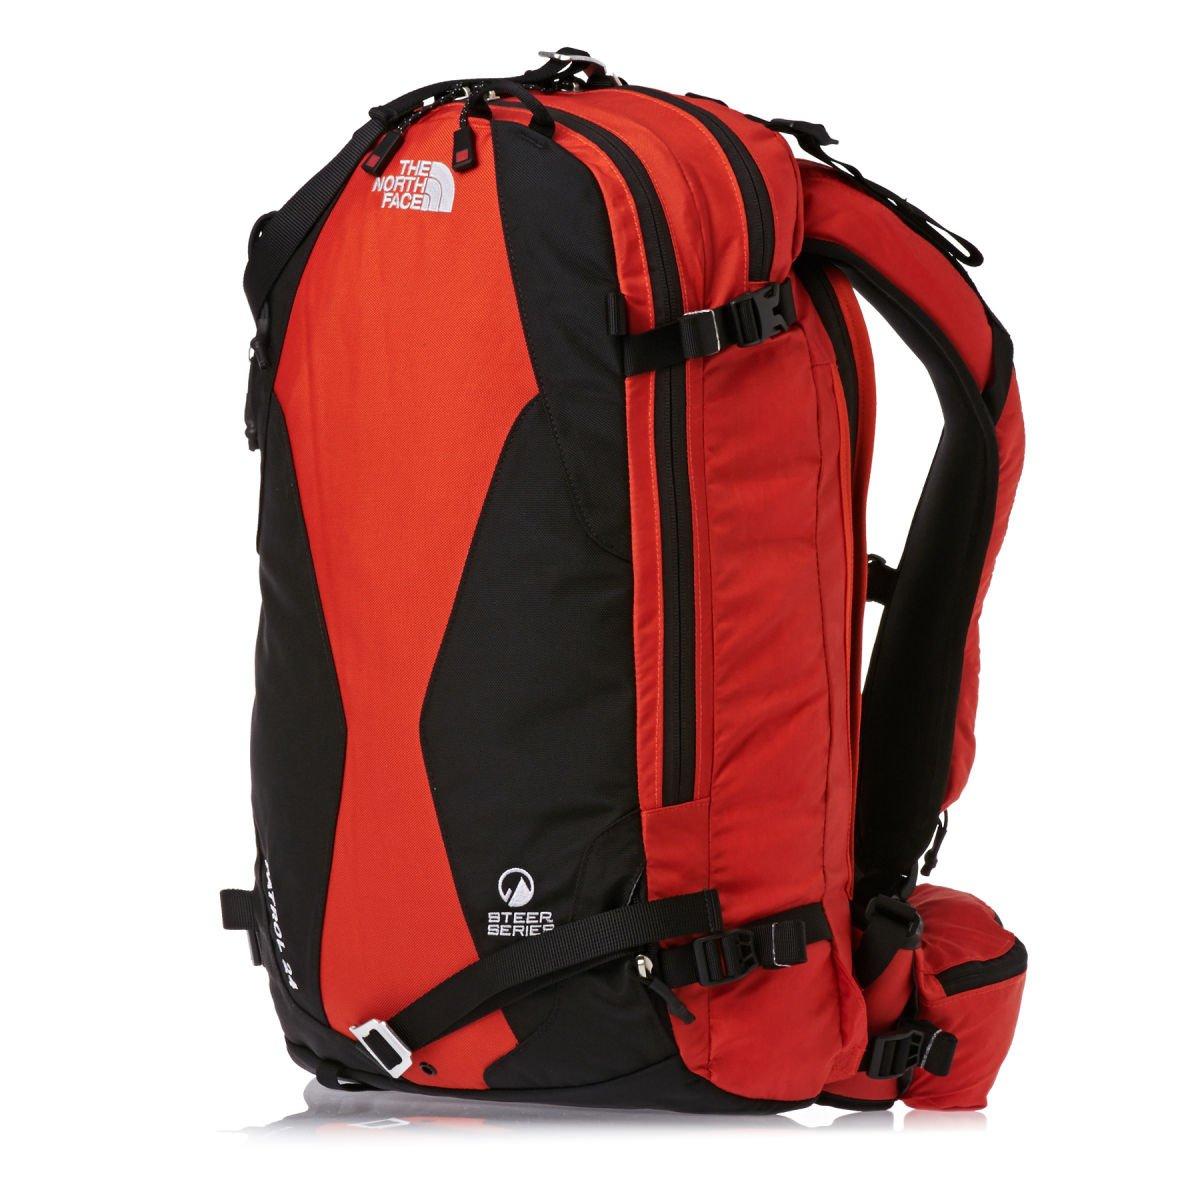 297215e08 The North Face Patrol 24 Ski/Board Backpack Valencia Orange/TNF ...